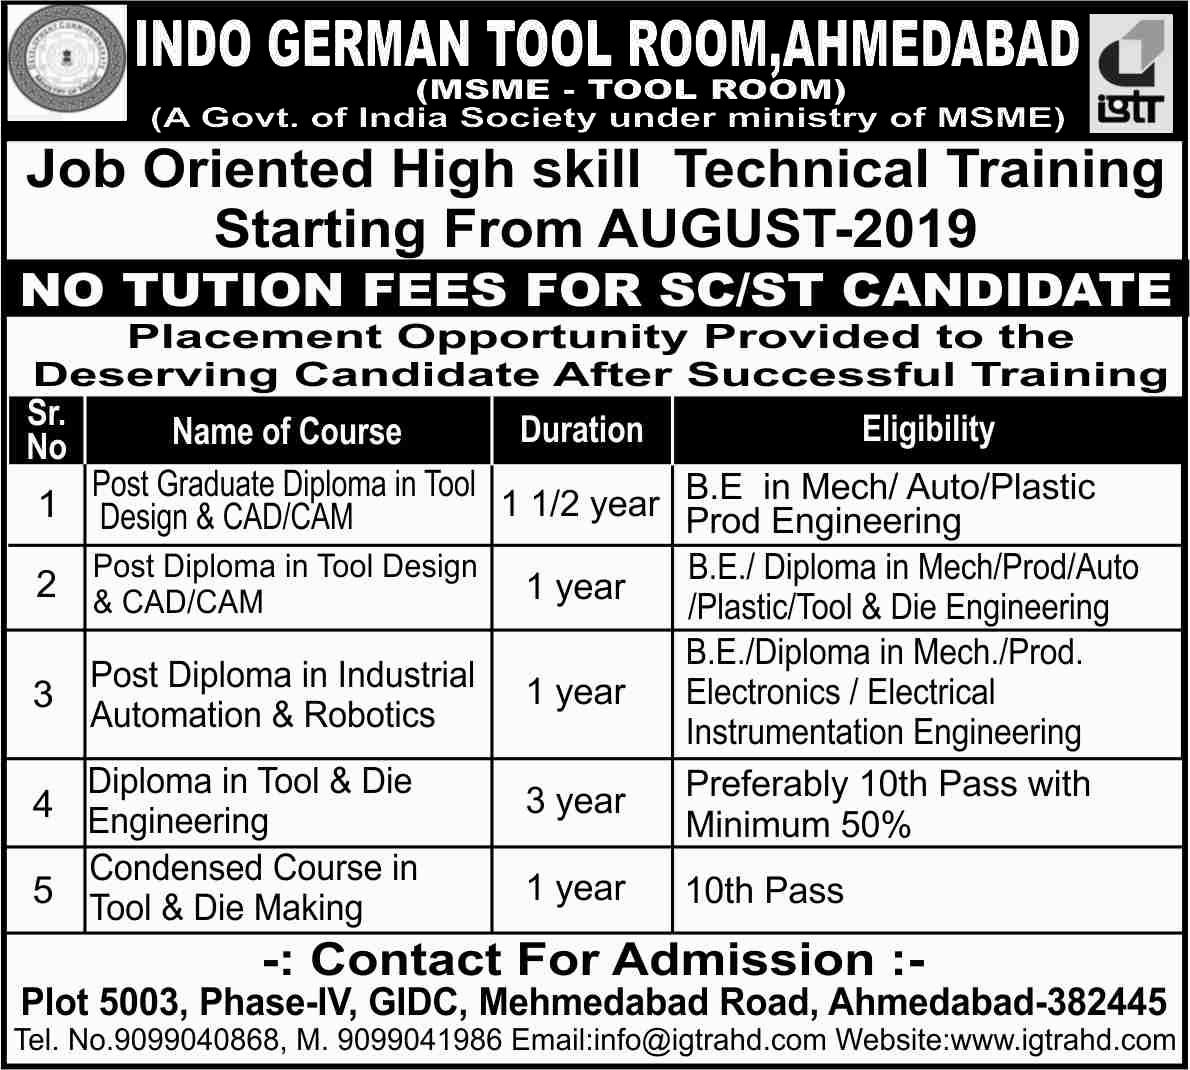 Indo German Tool Room - Ahmedabad